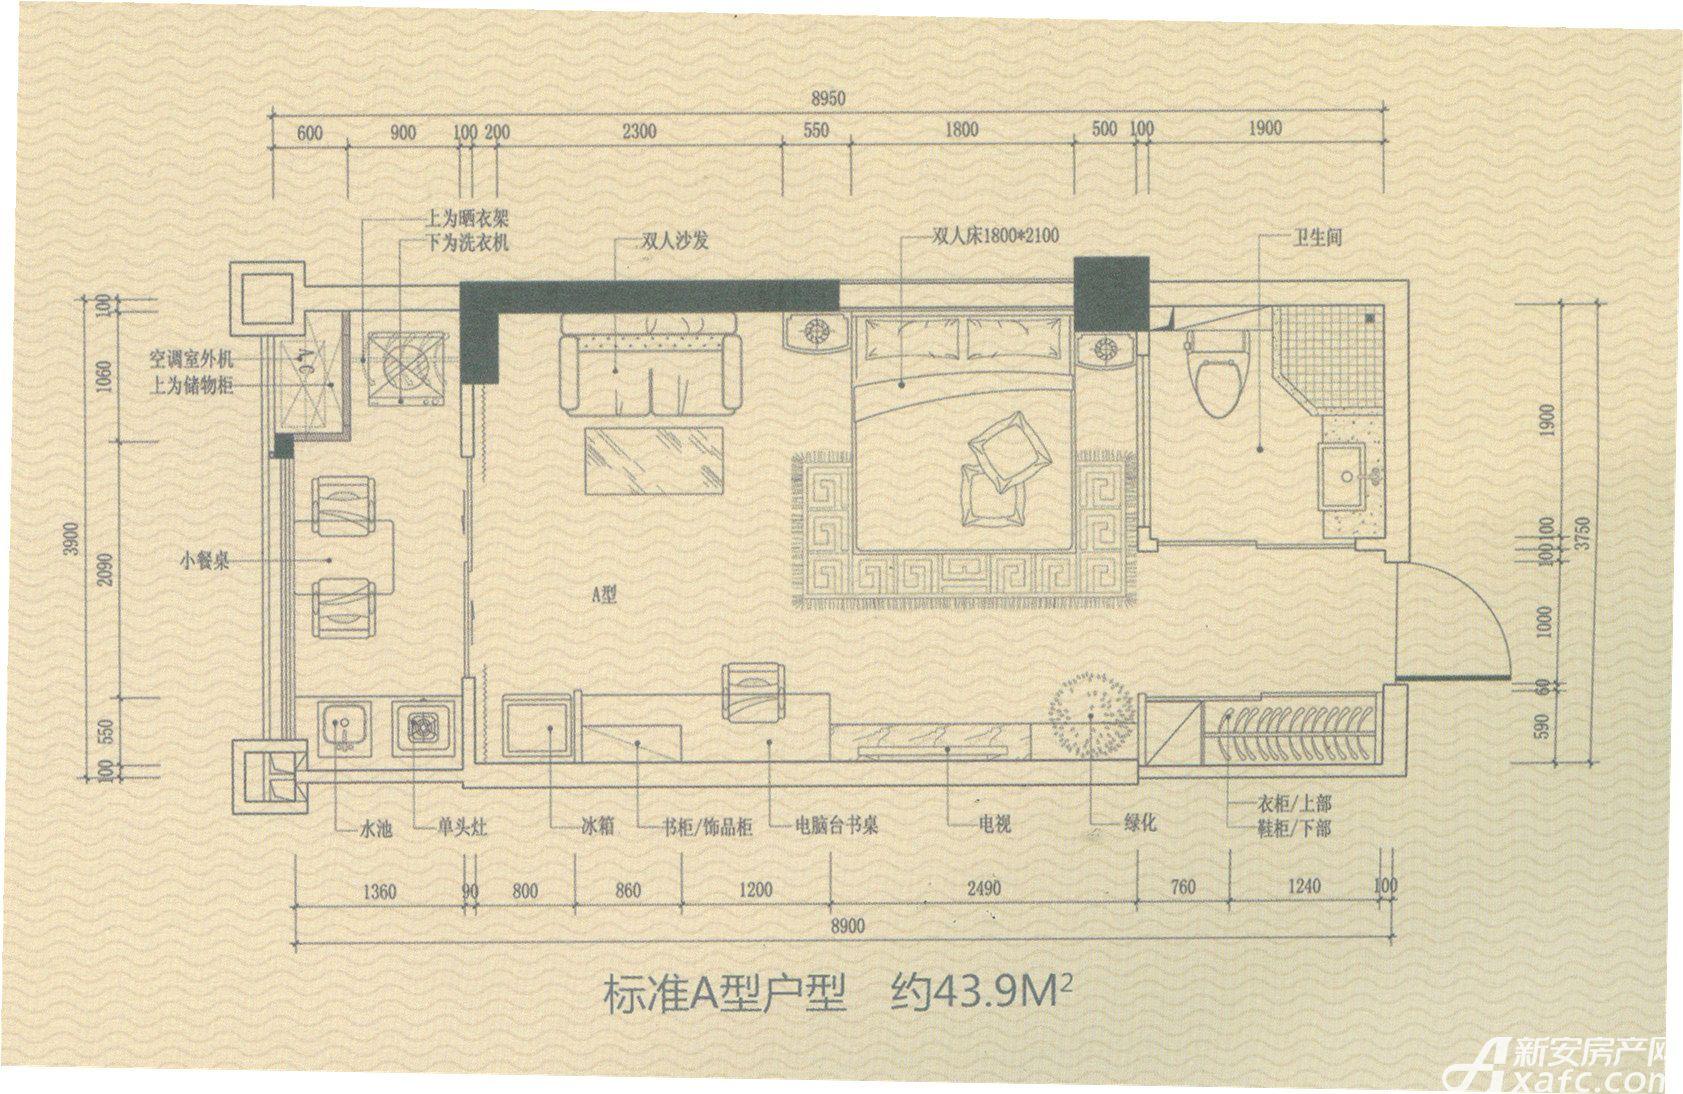 恒玖金山广场恒玖金山广场2号楼A户型1室1厅43.9平米